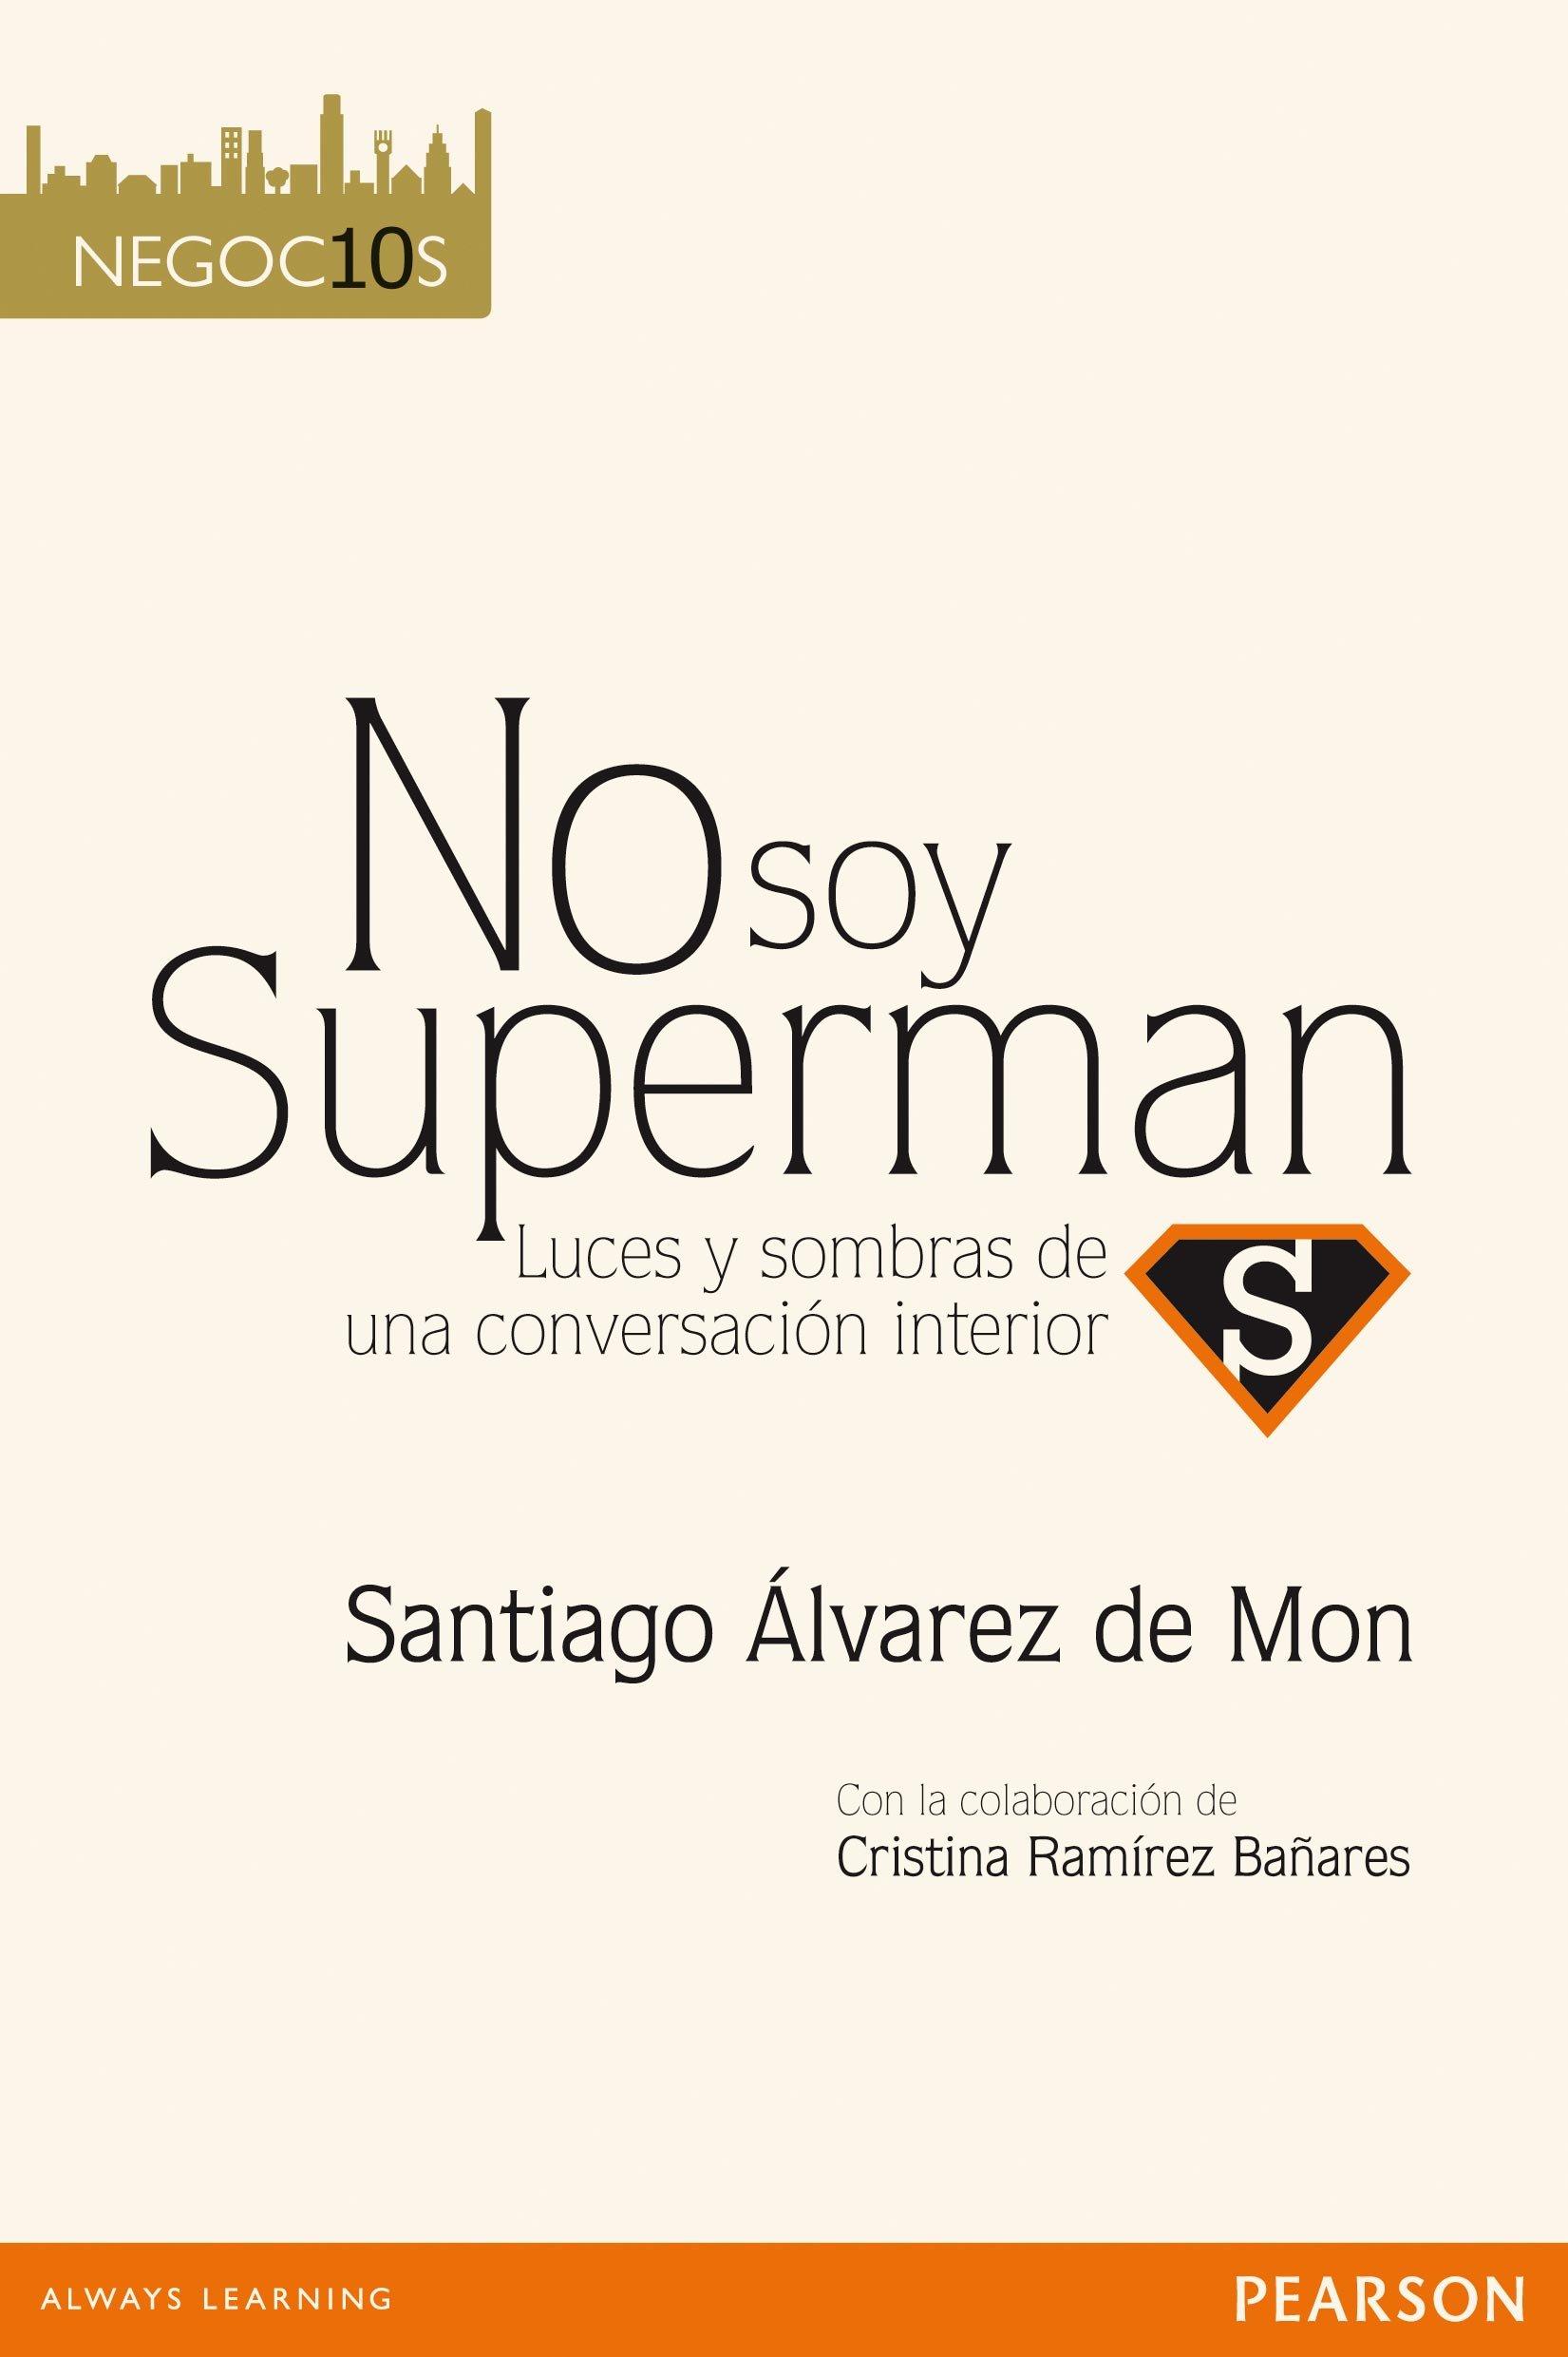 No soy Superman (Negoc10s): Amazon.es: Santiago Álvarez De Mon: Libros